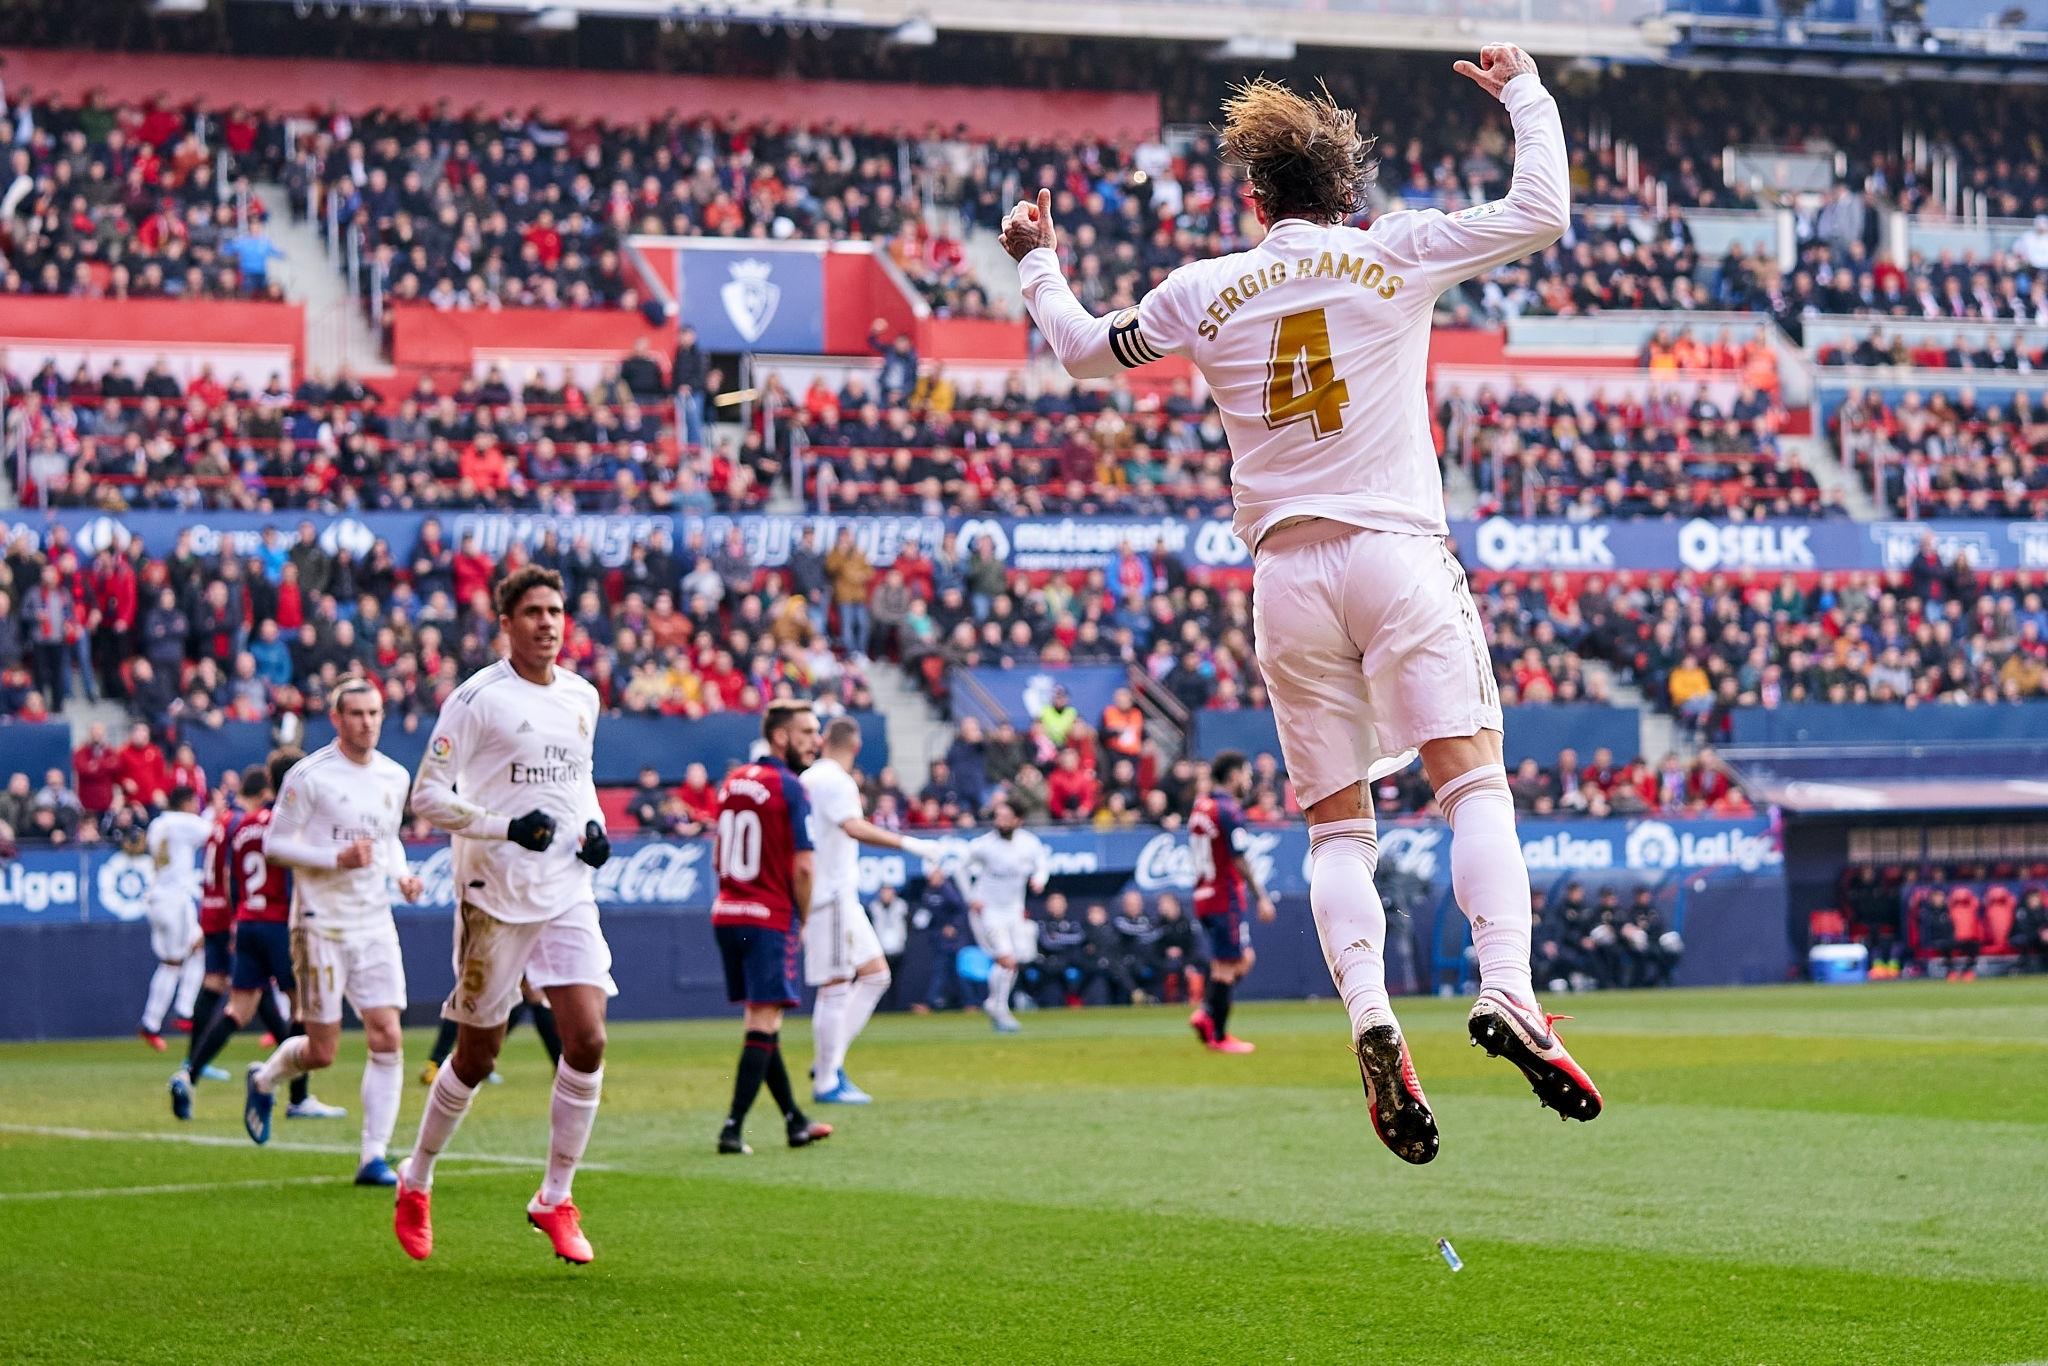 Рамос забил в ворота Осасуны свой 90-й гол за Реал. Серхио забивает в Ла Лиге дольше всех - изображение 1